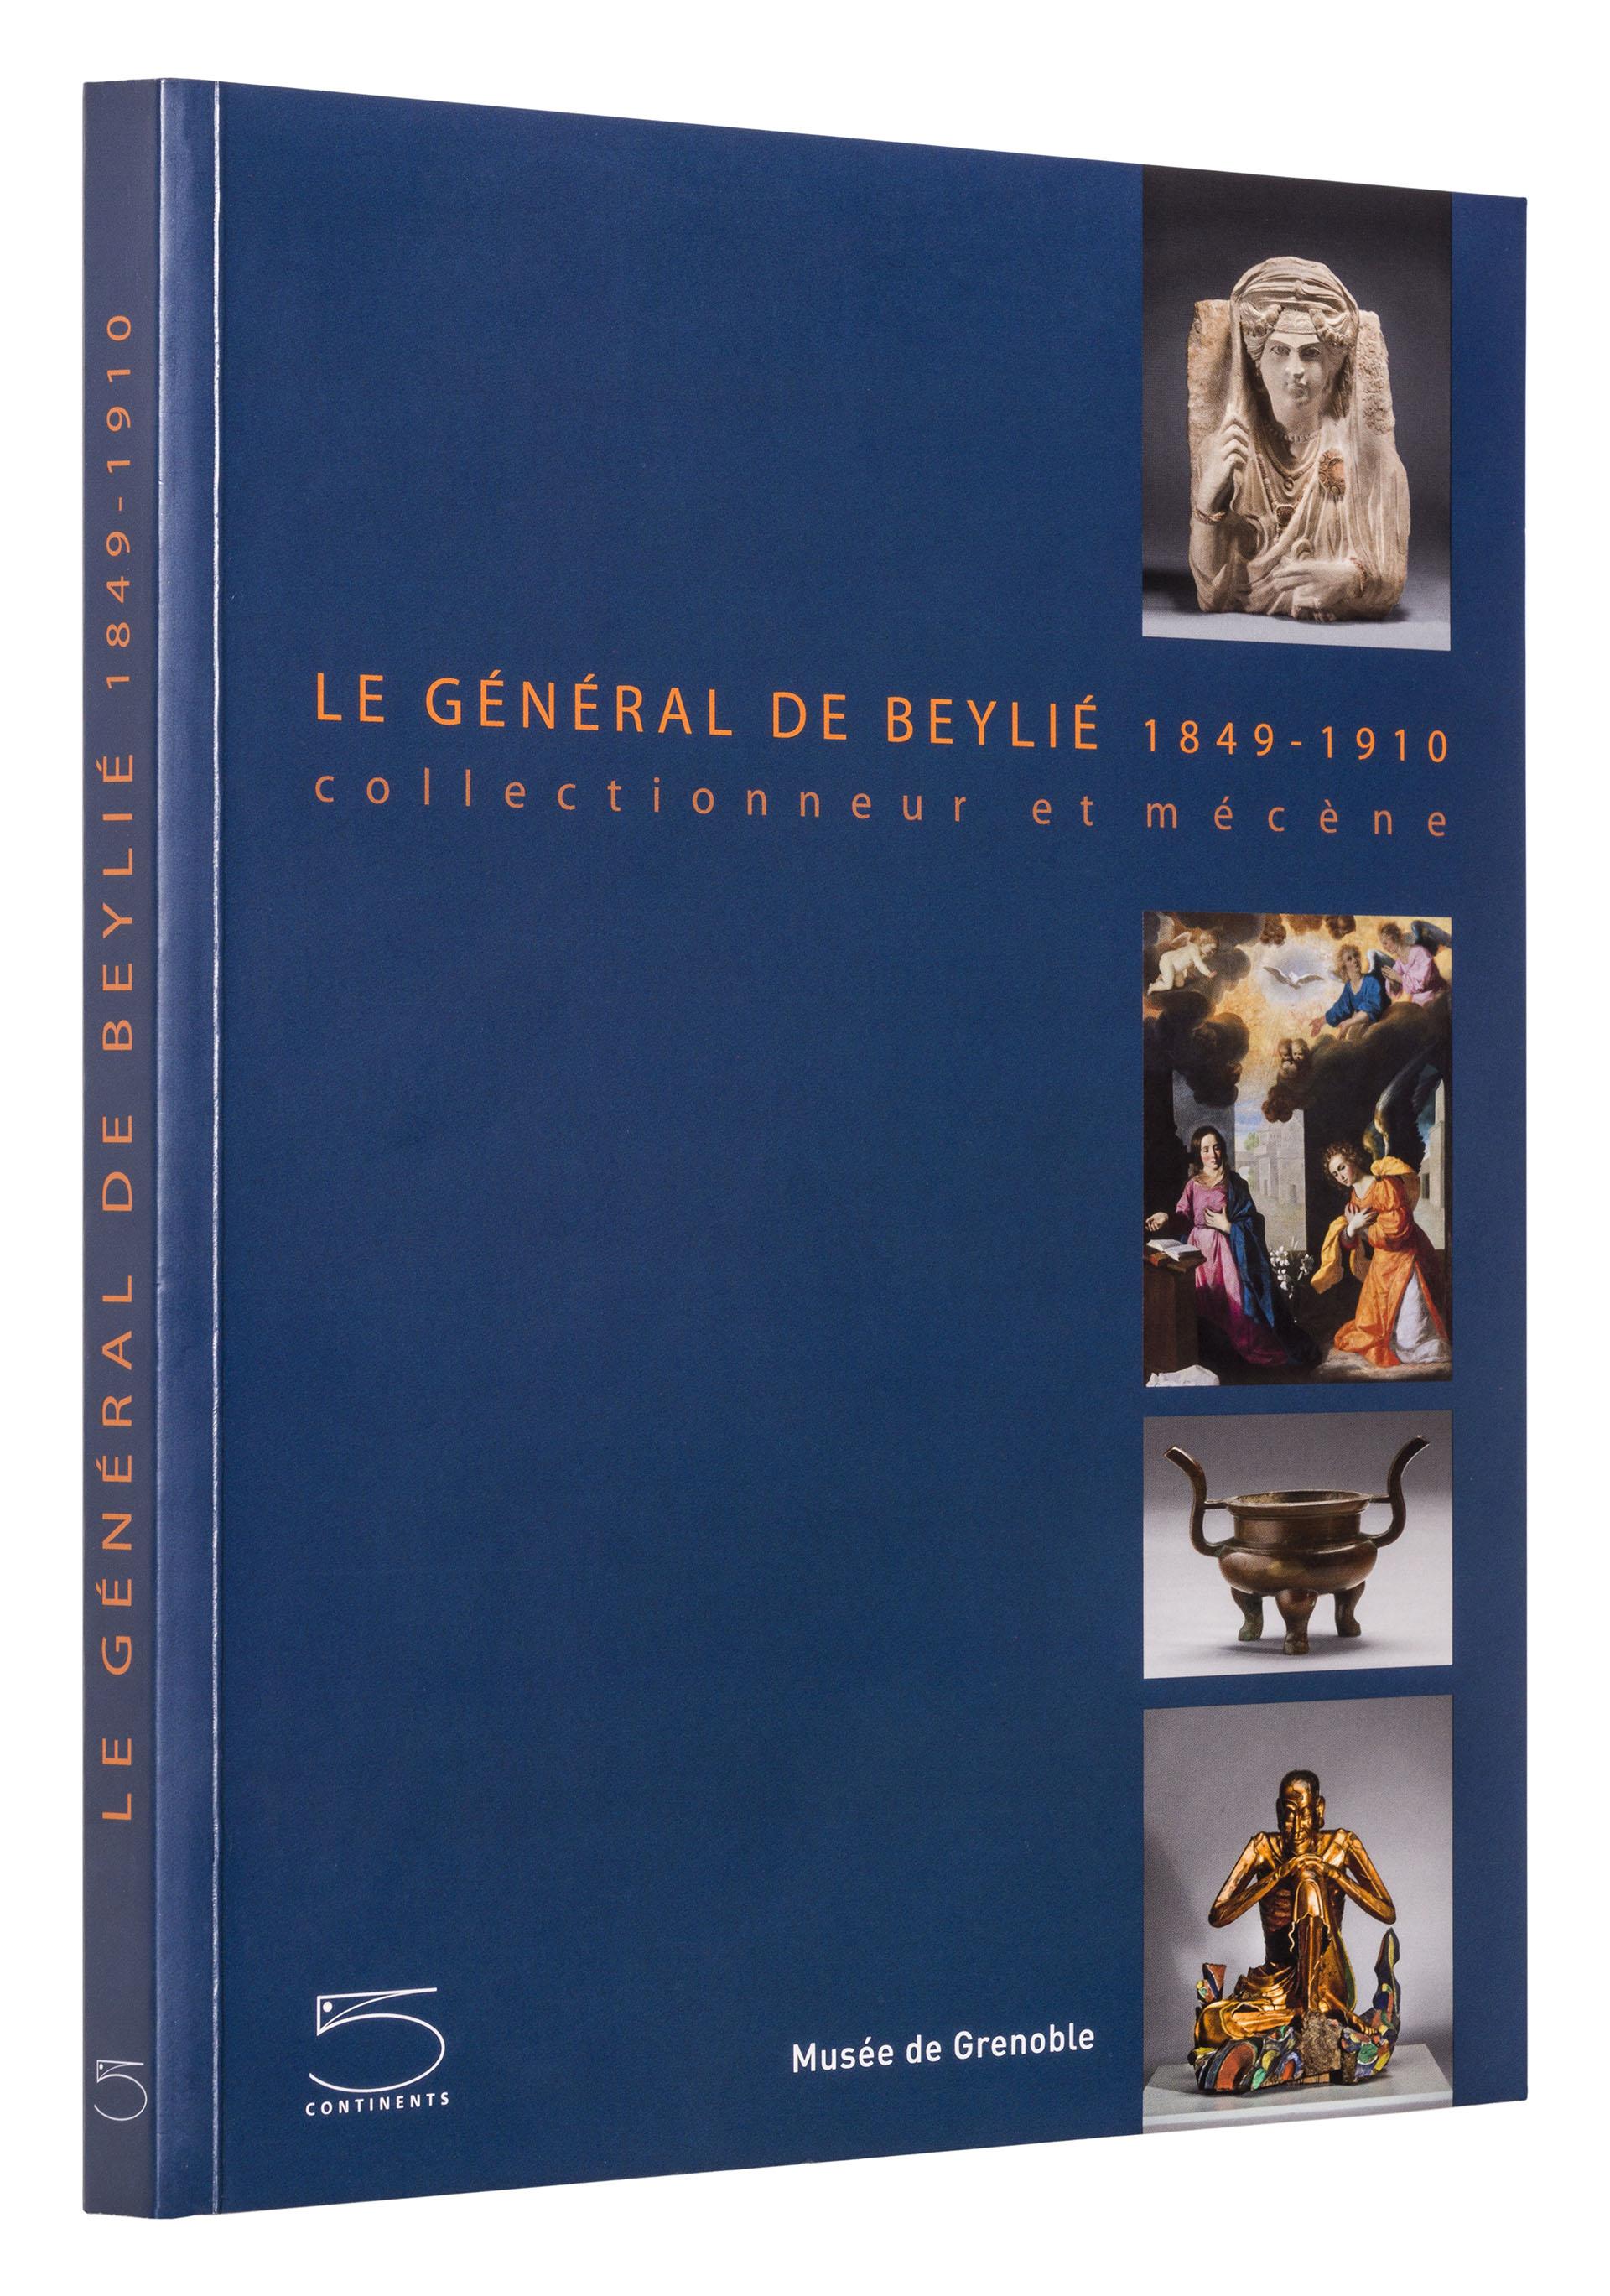 Le Général de Beylié 1849 - 1910